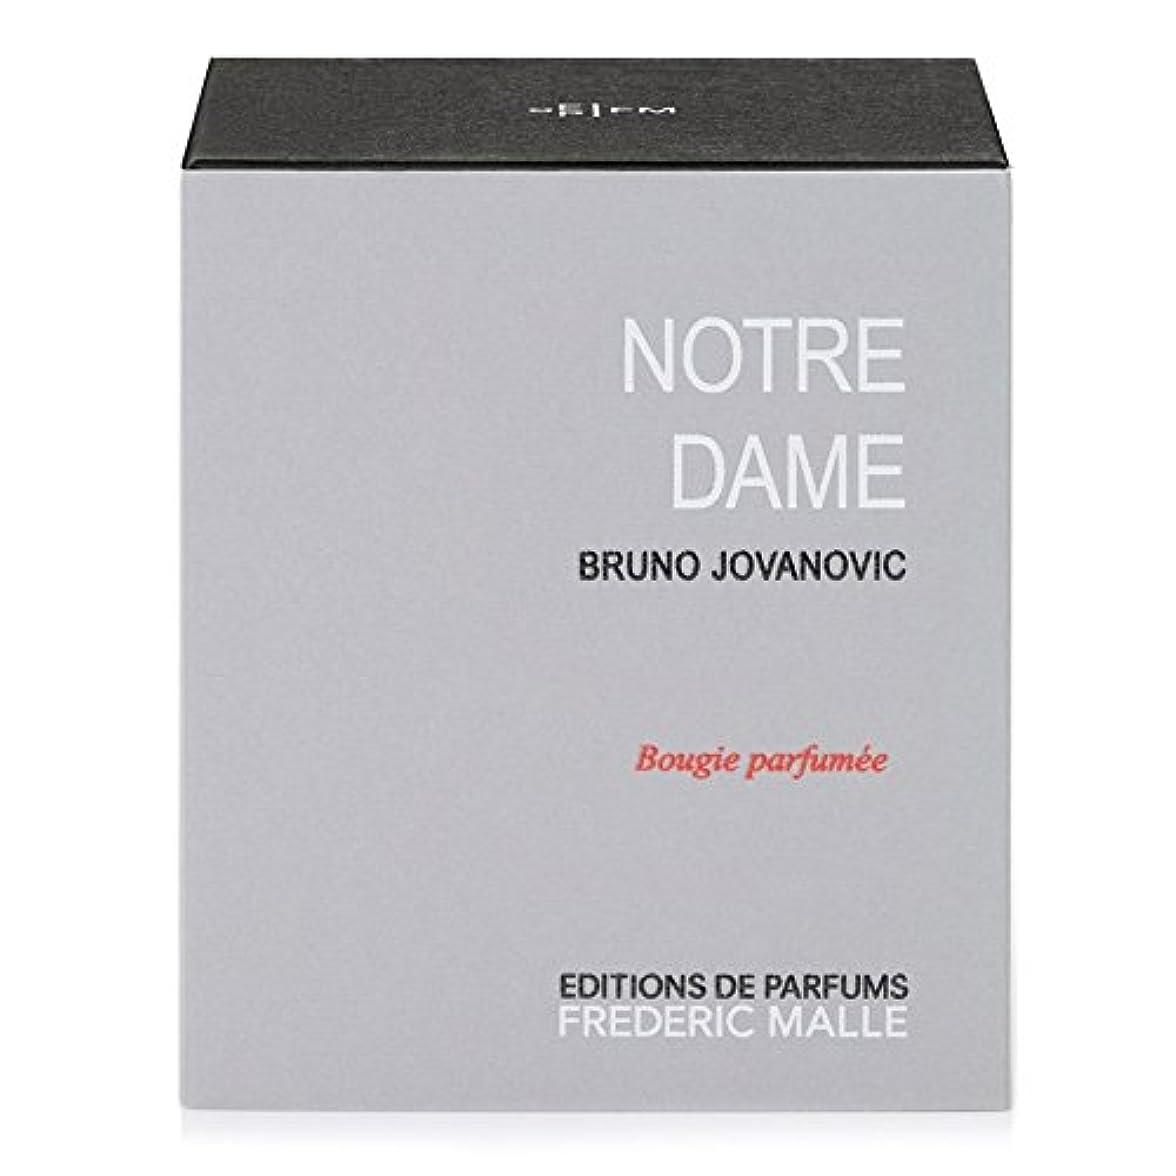 化学薬品賠償アジア人Frederic Malle Notre Dame Scented Candle 220g (Pack of 2) - フレデリック?マルノートルダム香りのキャンドル220グラム x2 [並行輸入品]